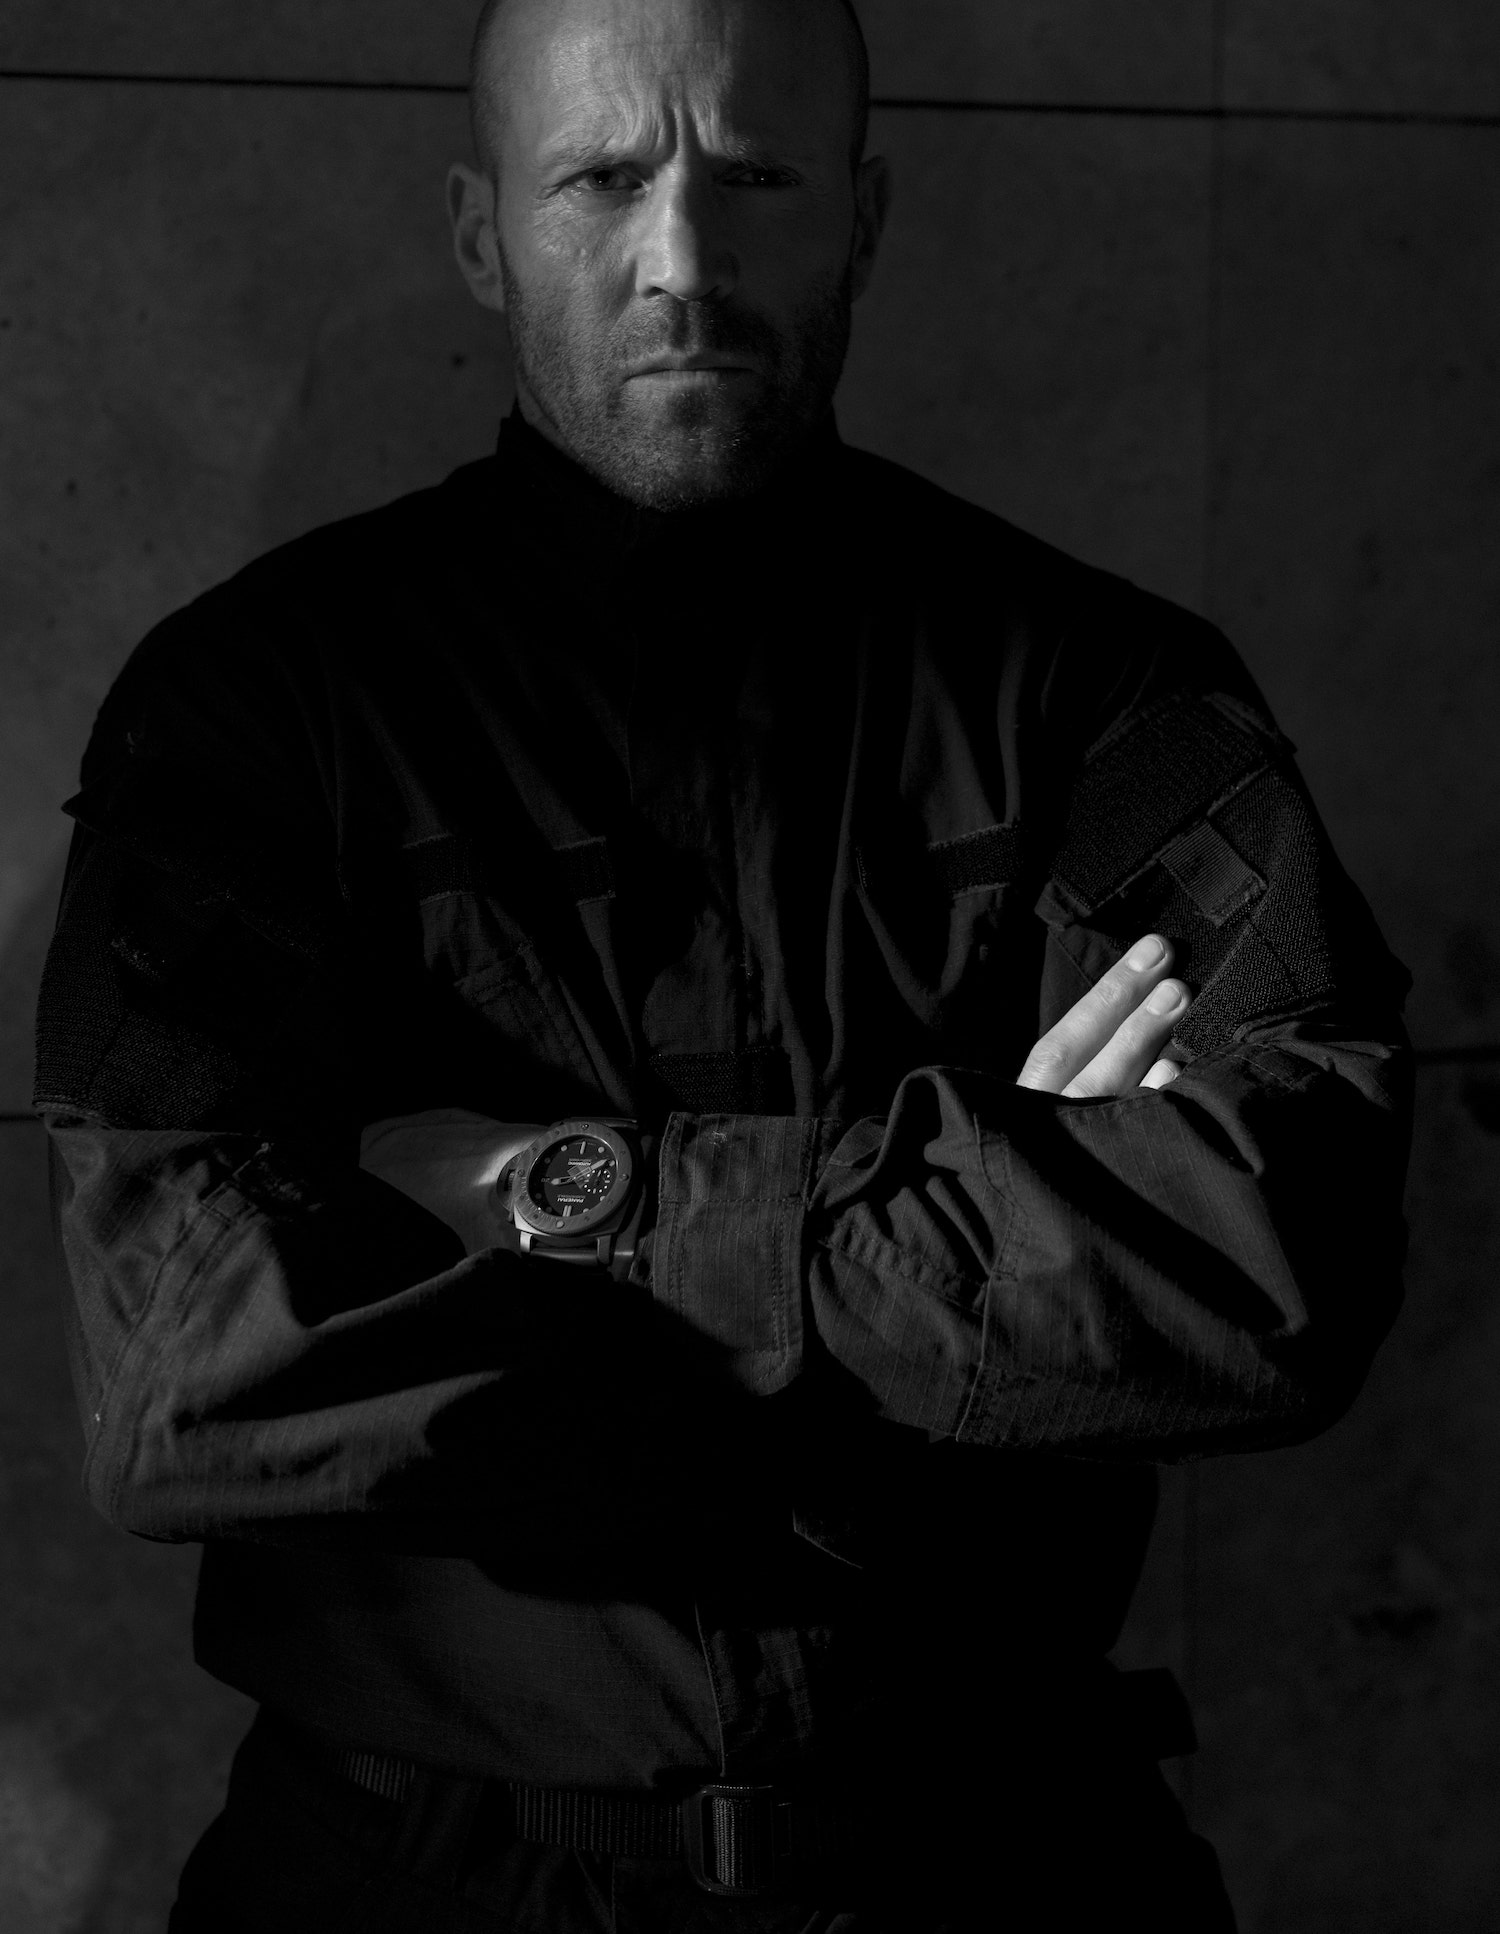 Panerai Jason Statham Five Eyes Movie 01 min